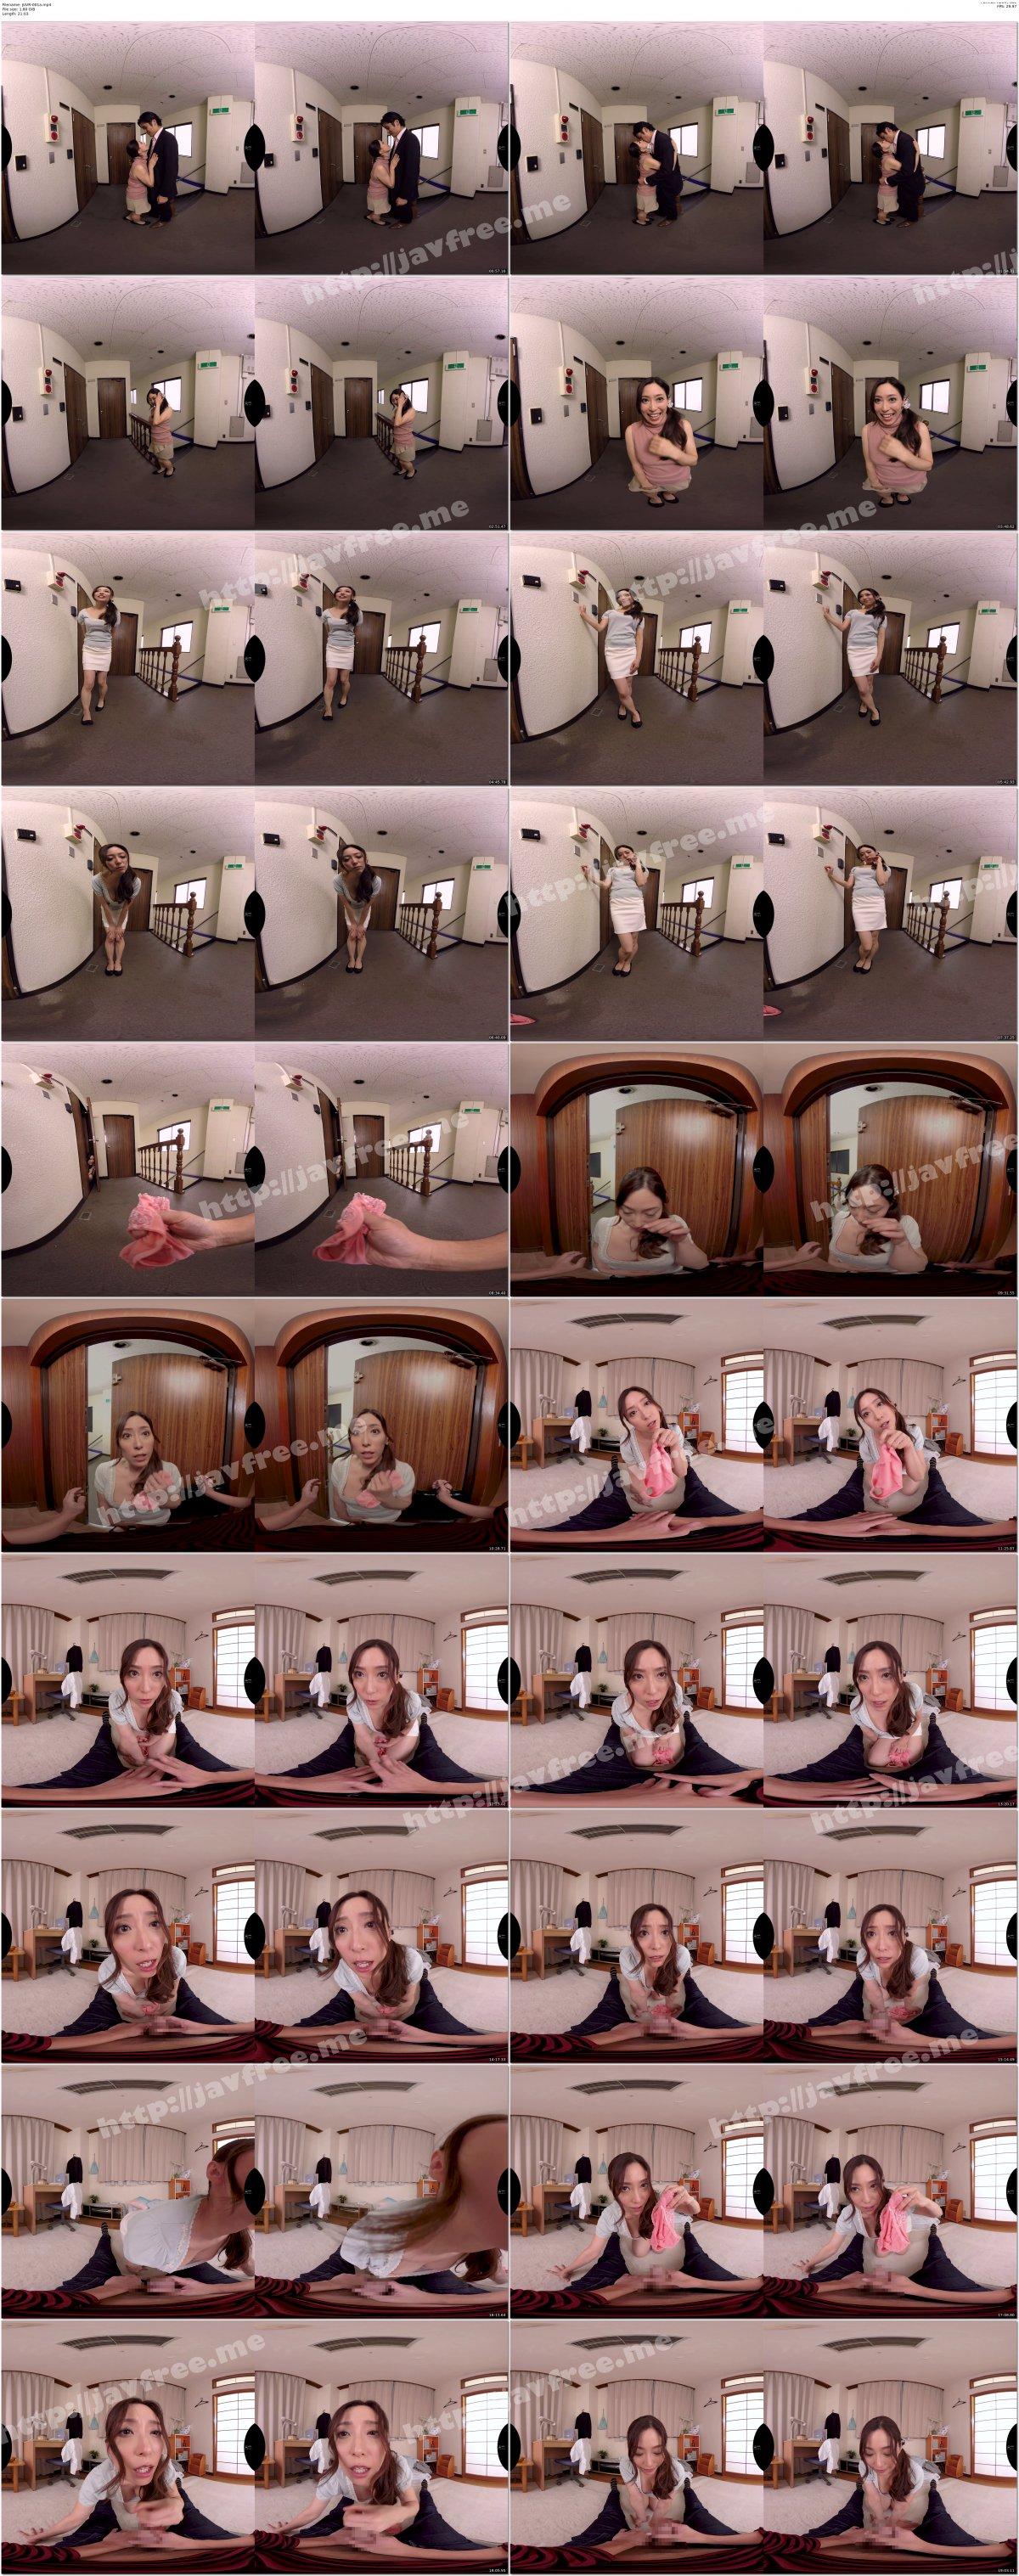 [JUVR-001] 【VR】白木優子初VR!! 欲求不満な隣の奥さんに弱みを握られた僕は毎日様々な方法で寸止め射精管理! 焦らしに焦らされ続けお預けを食らいながらも最後は御褒美の一発入魂中出し! - image JUVR-001a on https://javfree.me